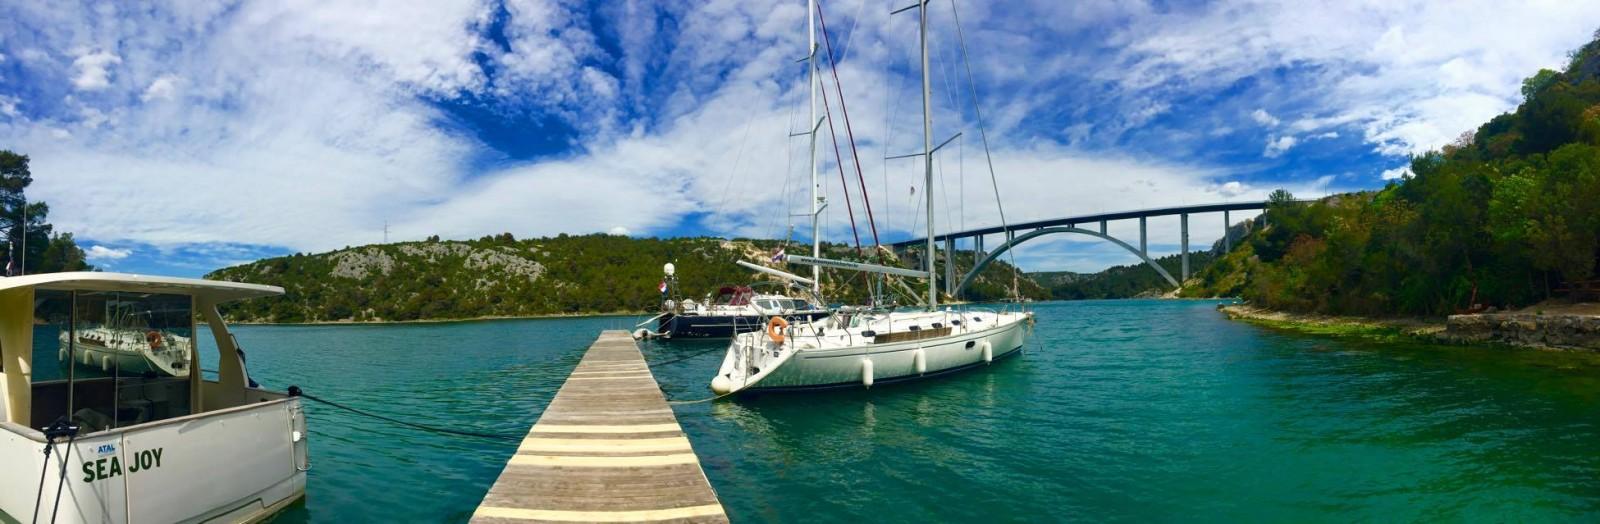 Taverne Vidrovača Šibenik - dalmatinische Gastronomie für Bootsfahrer